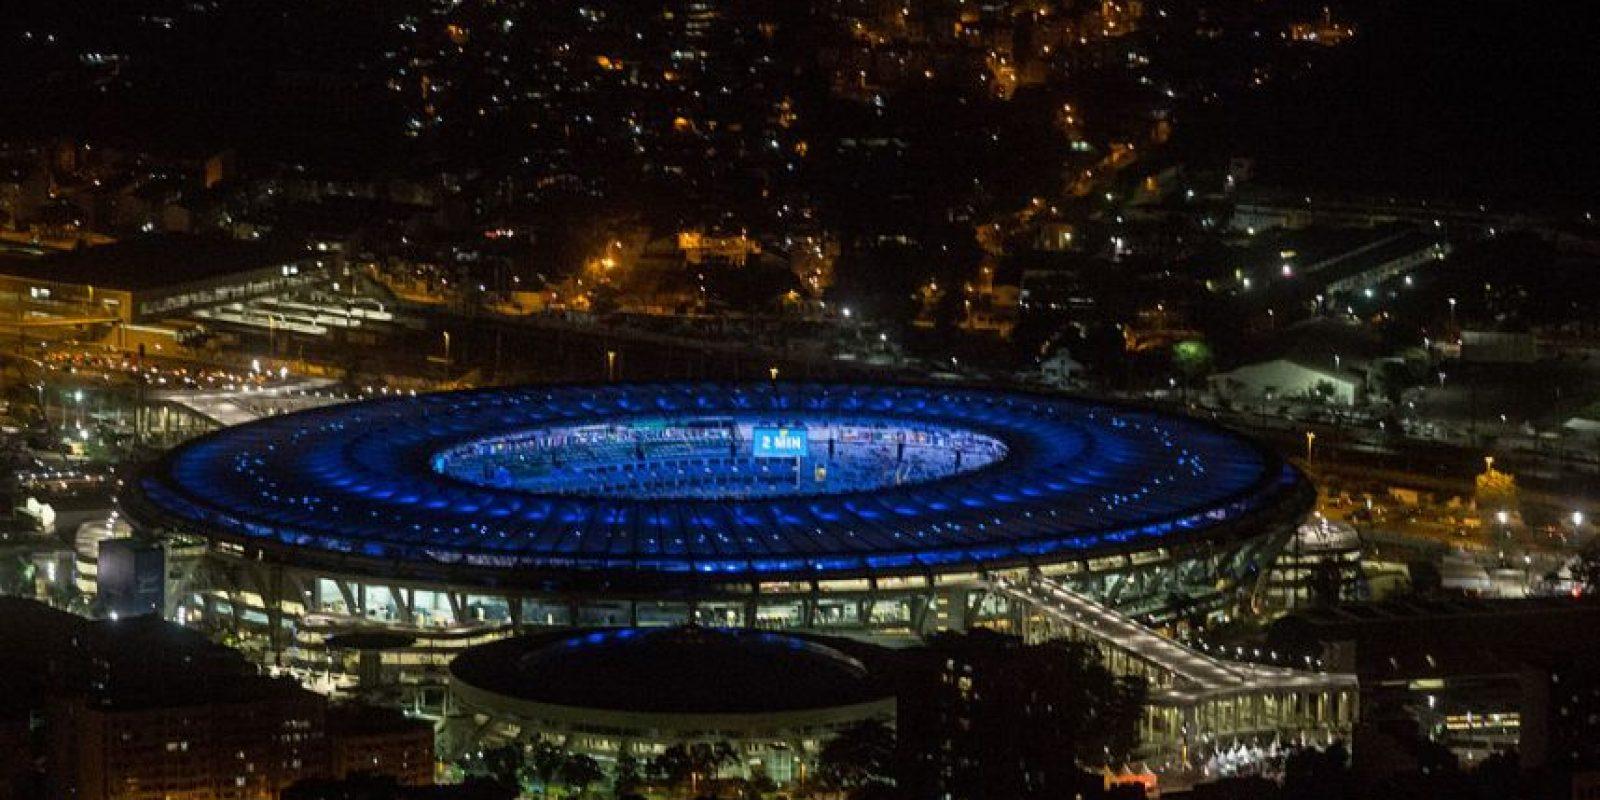 Se esperan grandes sorpresas en el Estadio Maracaná Foto:Getty Images. Imagen Por: